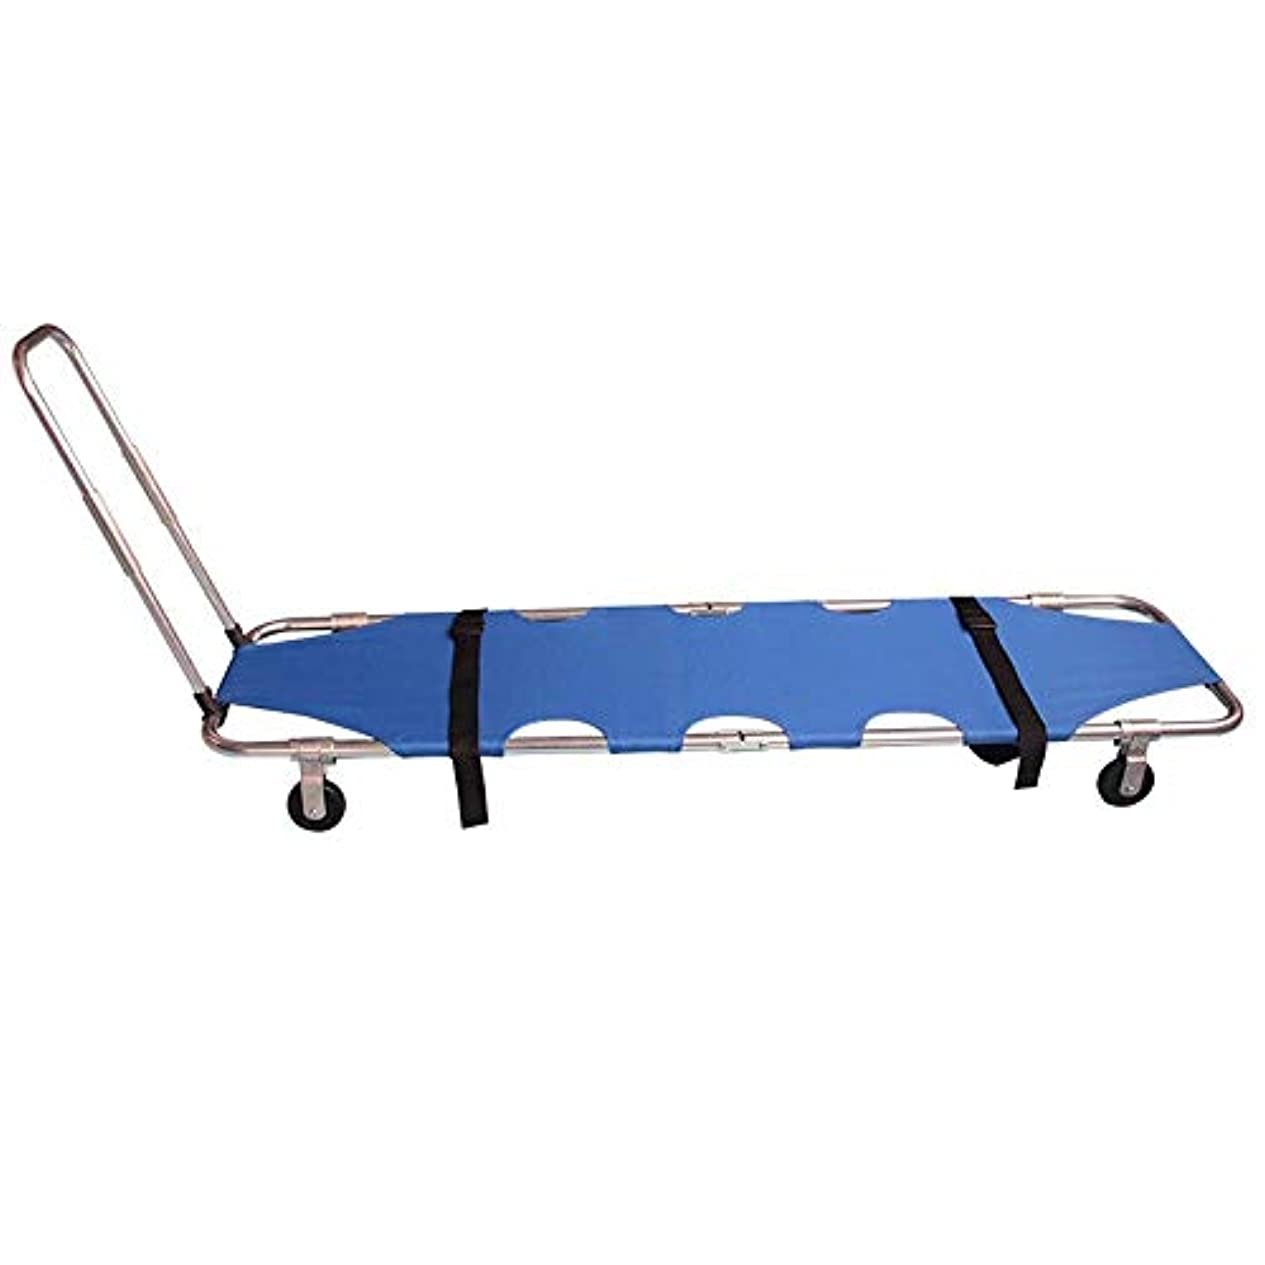 ヒステリック敵超越する緊急救助ストレッチャー、病院、クリニック、ホームなどのための4つの車輪とシートベルトを備えたフラット折りたたみ式ポータブルストレッチャー